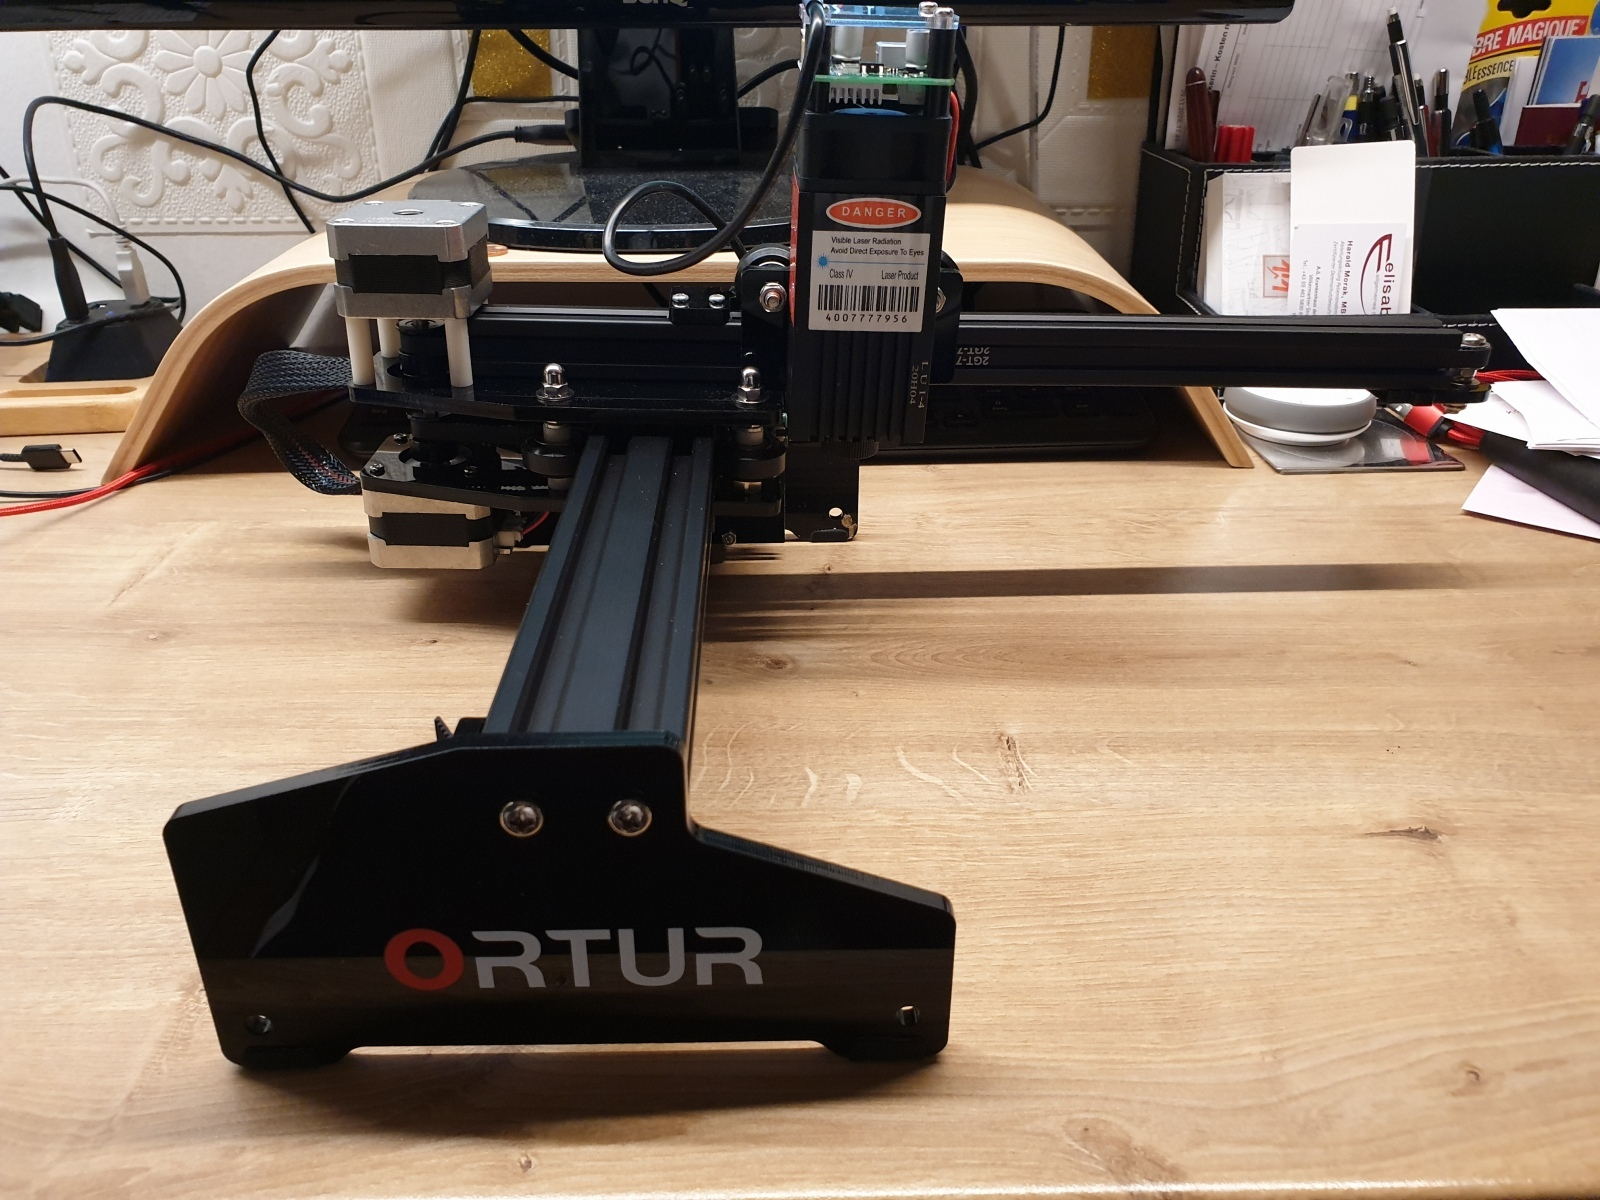 der fertig montierte Ortur LaserMaster 20w Desktop